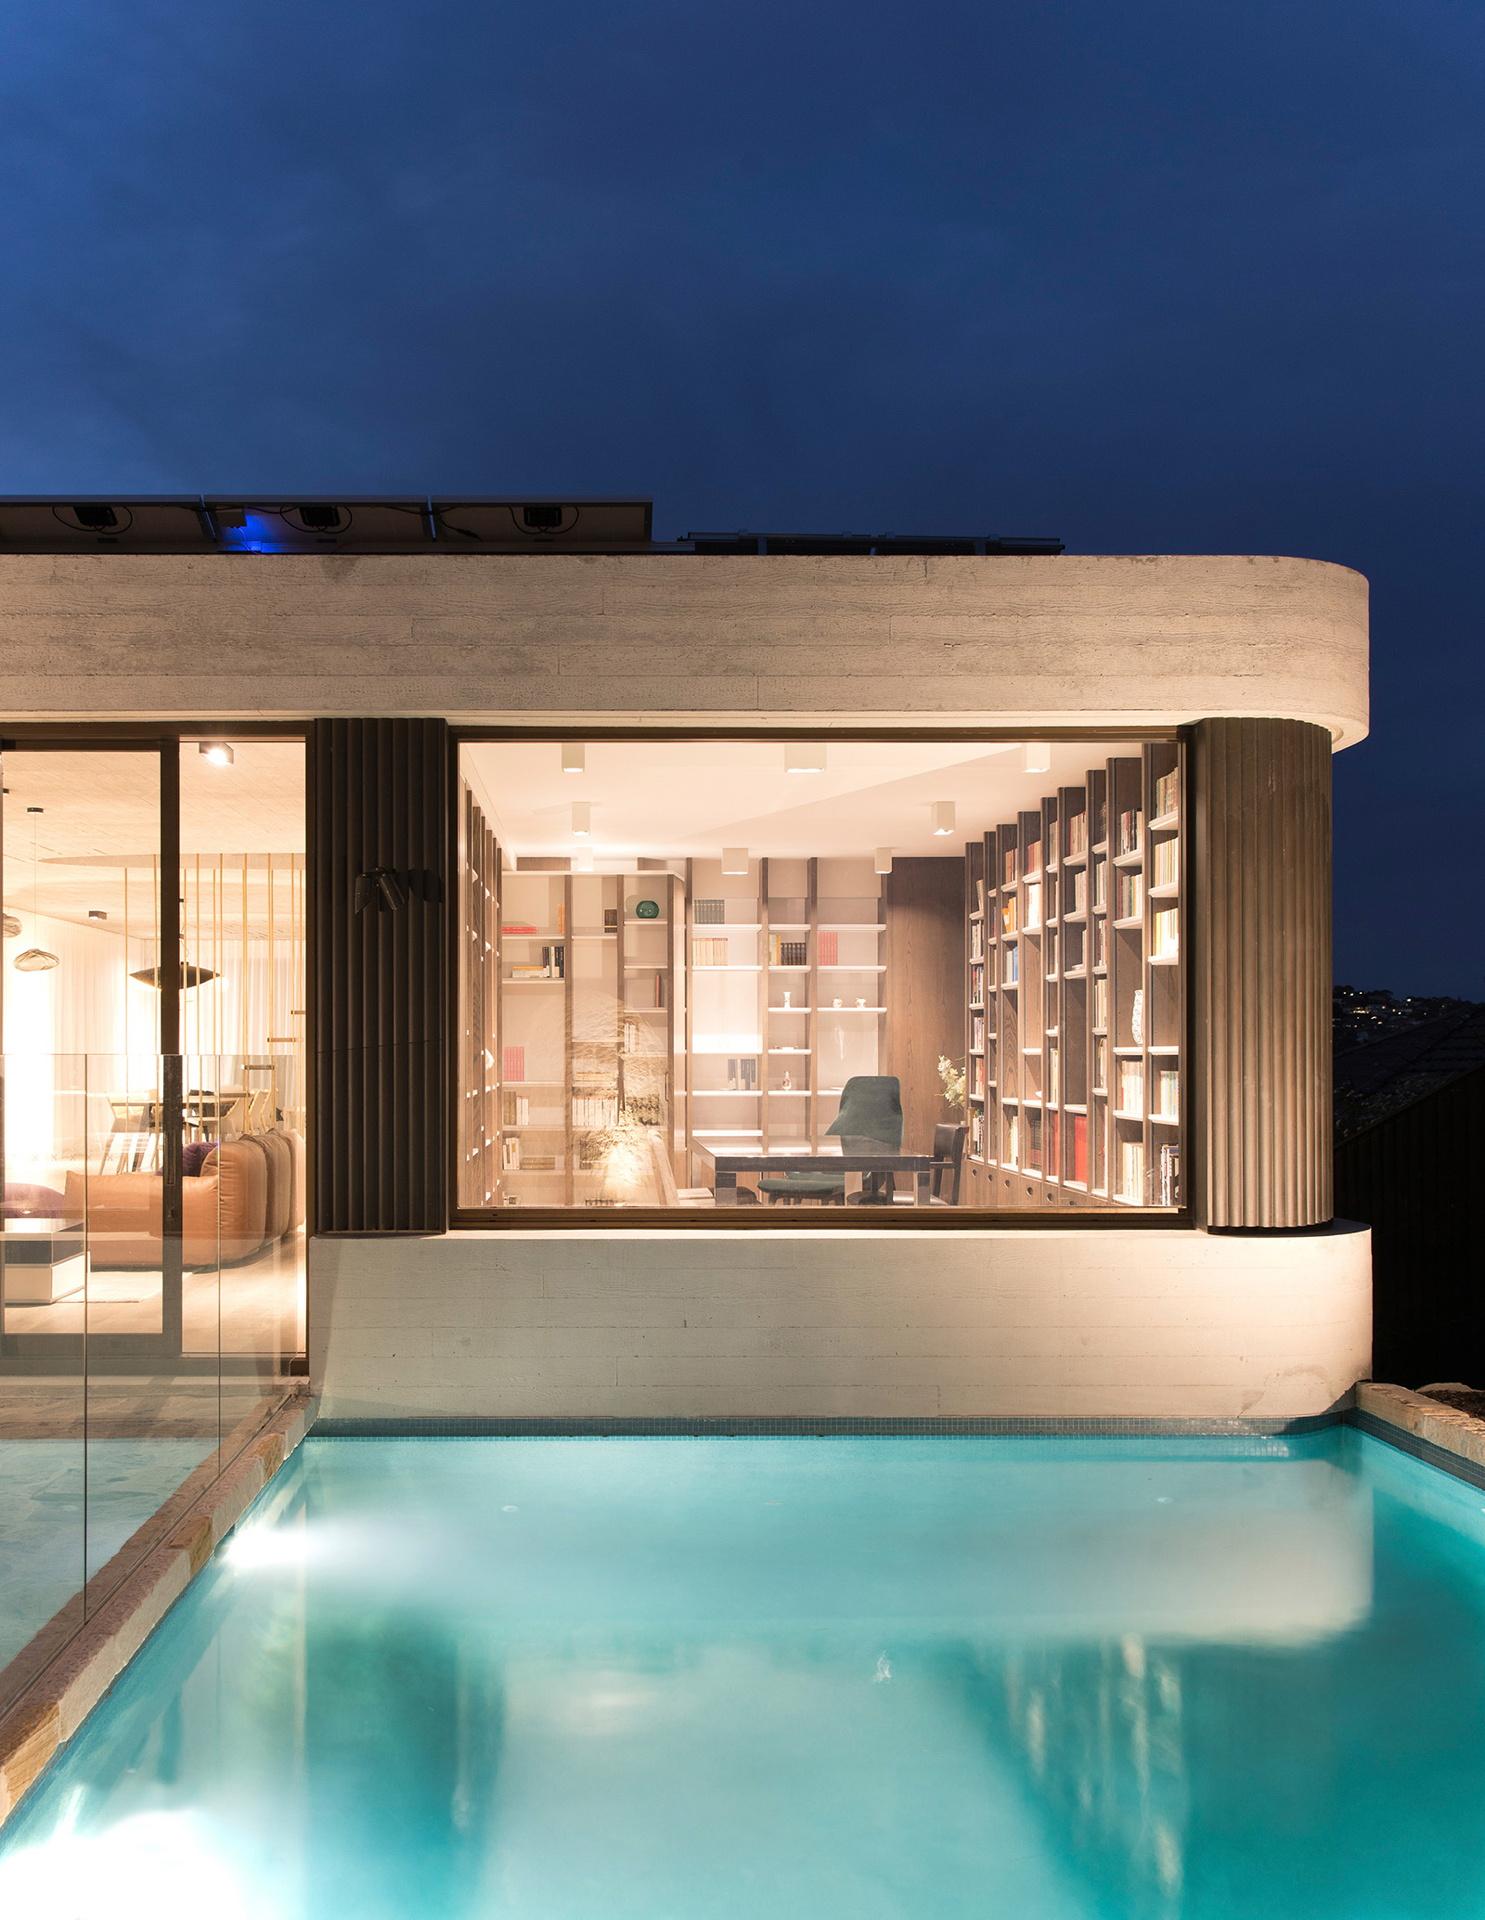 Luigi Rosselli: Das Bücherhaus auf den Klippen von Sydney